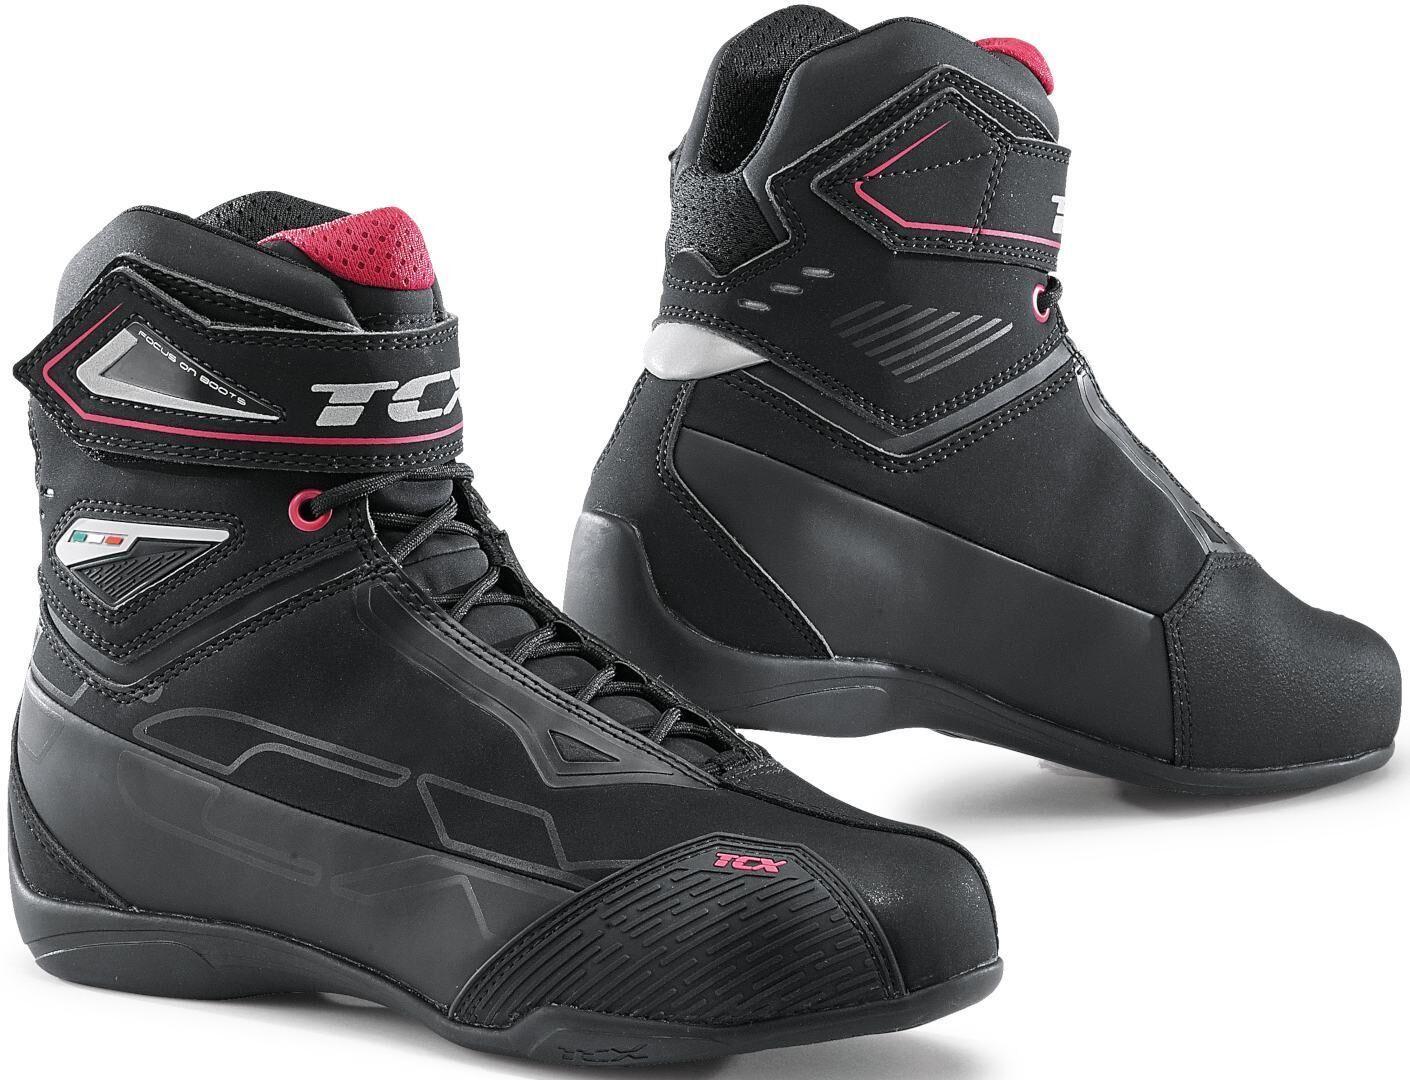 TCX Rush 2 Chaussures de moto pour dames imperméables Noir Rose taille : 40